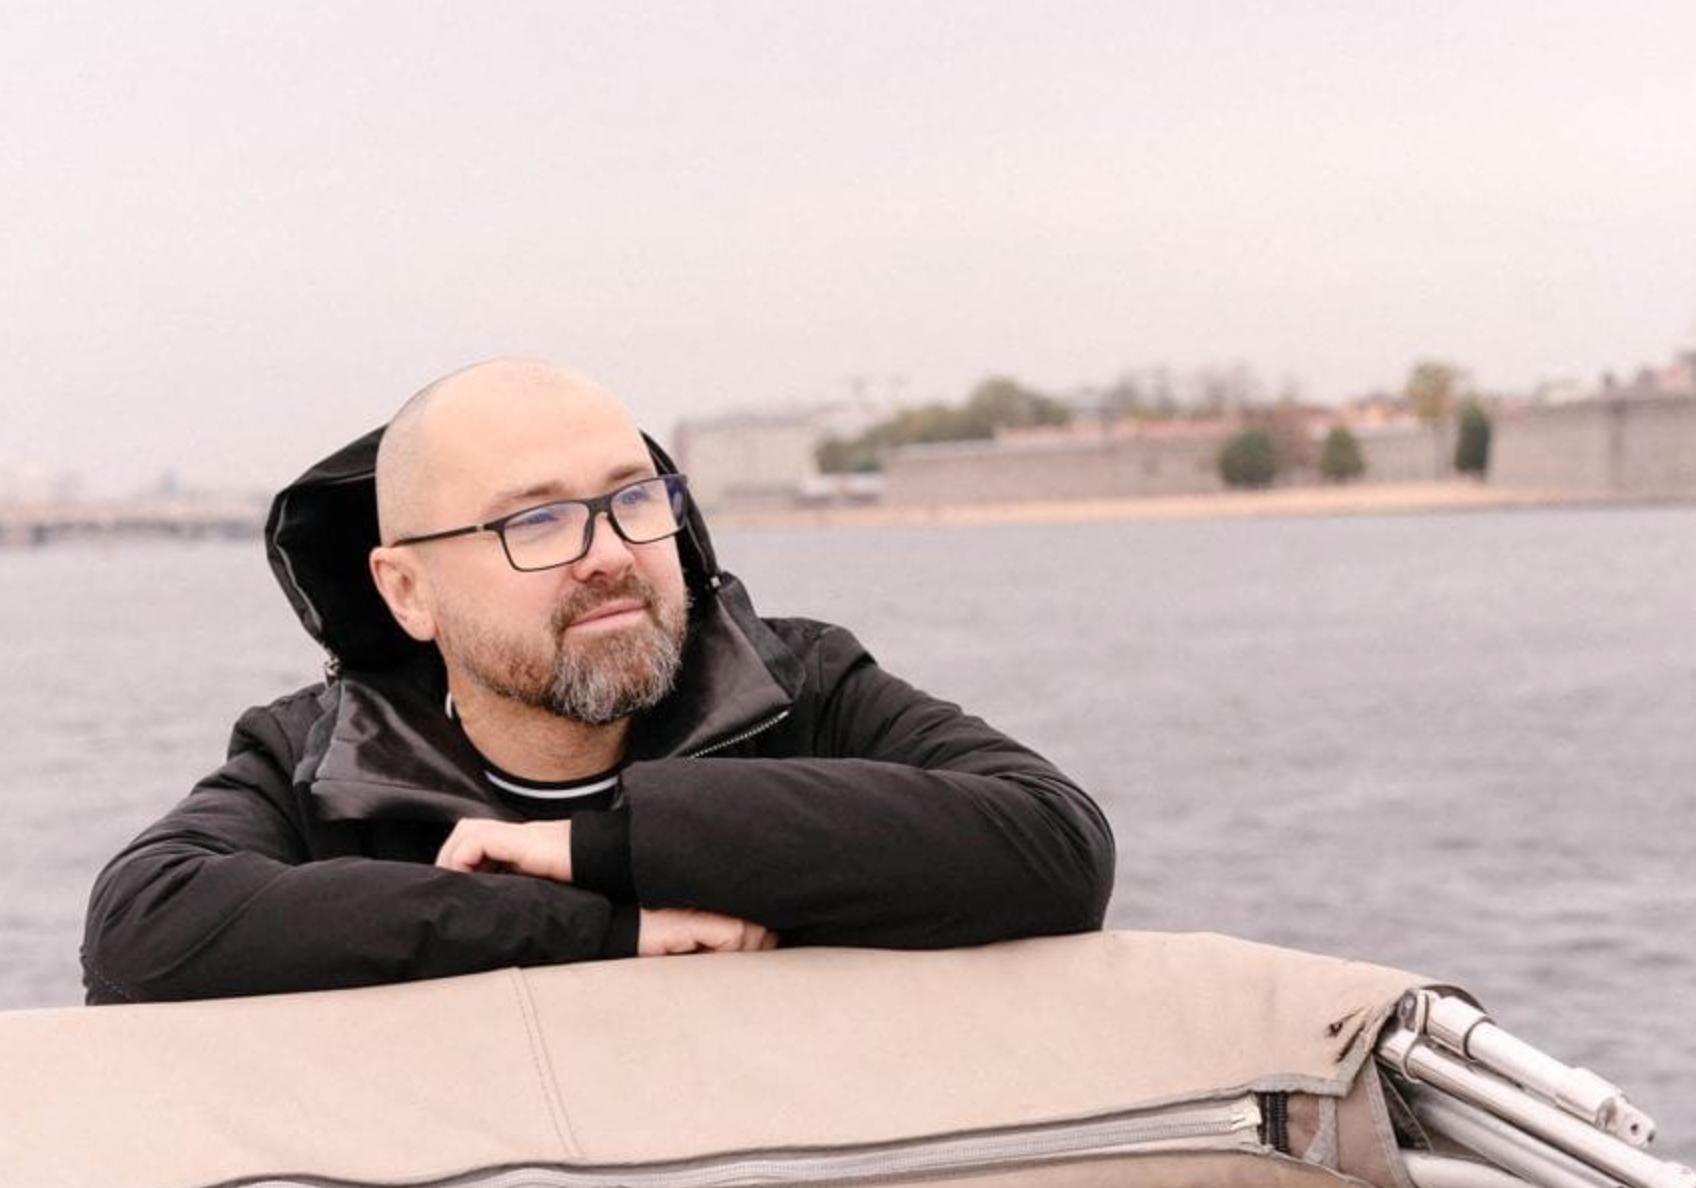 Бывший мэр Архангельска решил создать фонд по борьбе с малярией в память о погибшем сыне